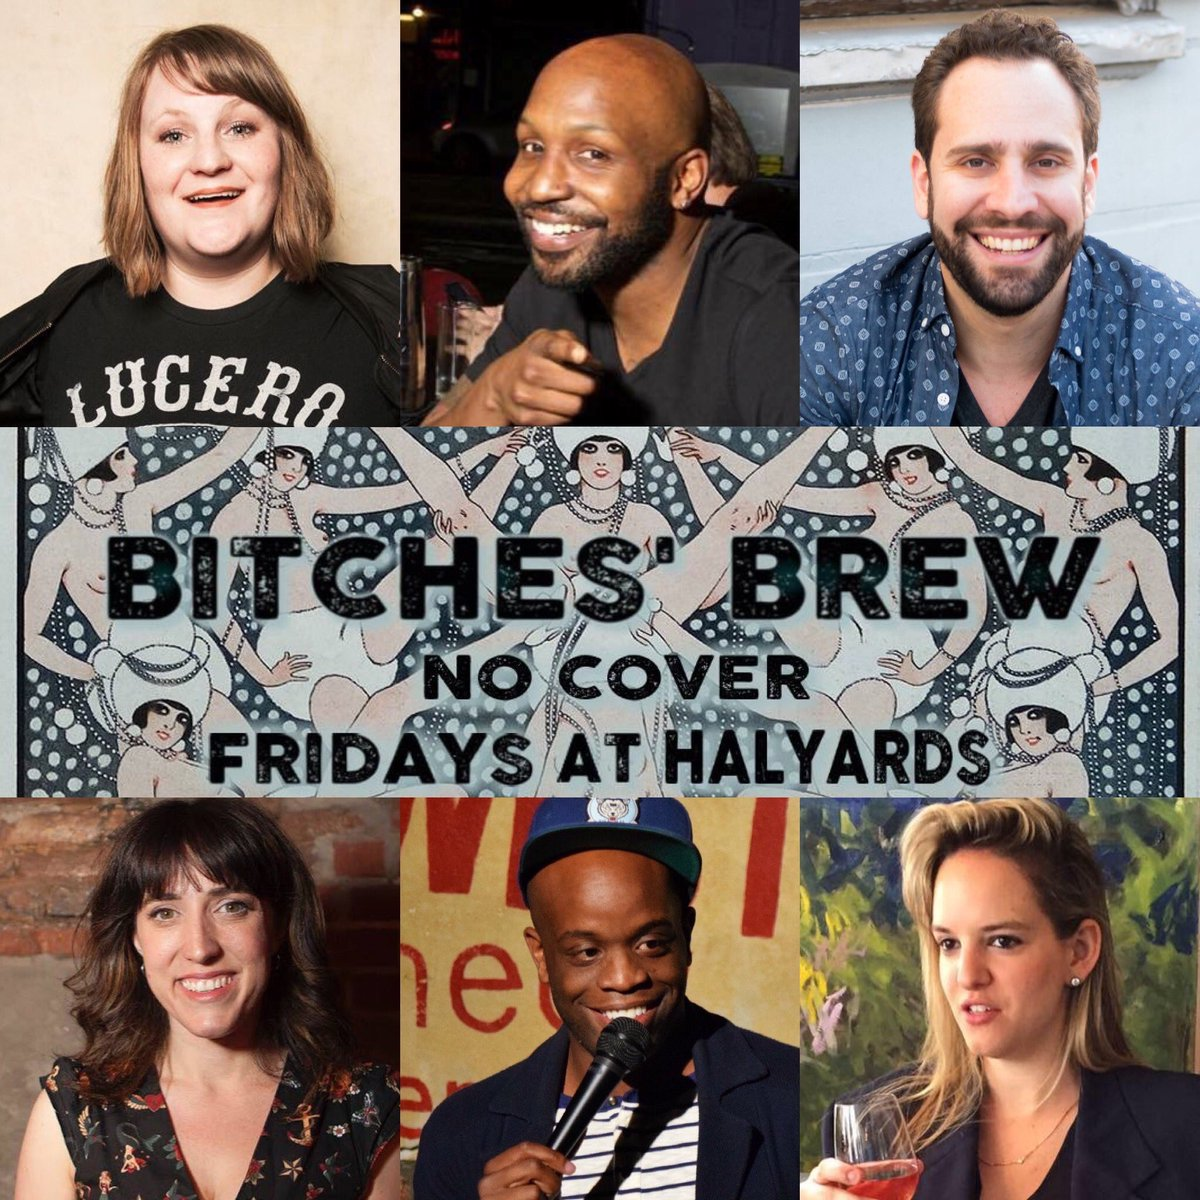 TNT 8:30 @HalyardsBar w @AlisonLeiby @amymiller @funnyphilduck @katewillett @KeenanSteiner @RellBattle @alyssawolff @Spericaa #free #comedy #bk @MurphGuideBK @thatsfunny